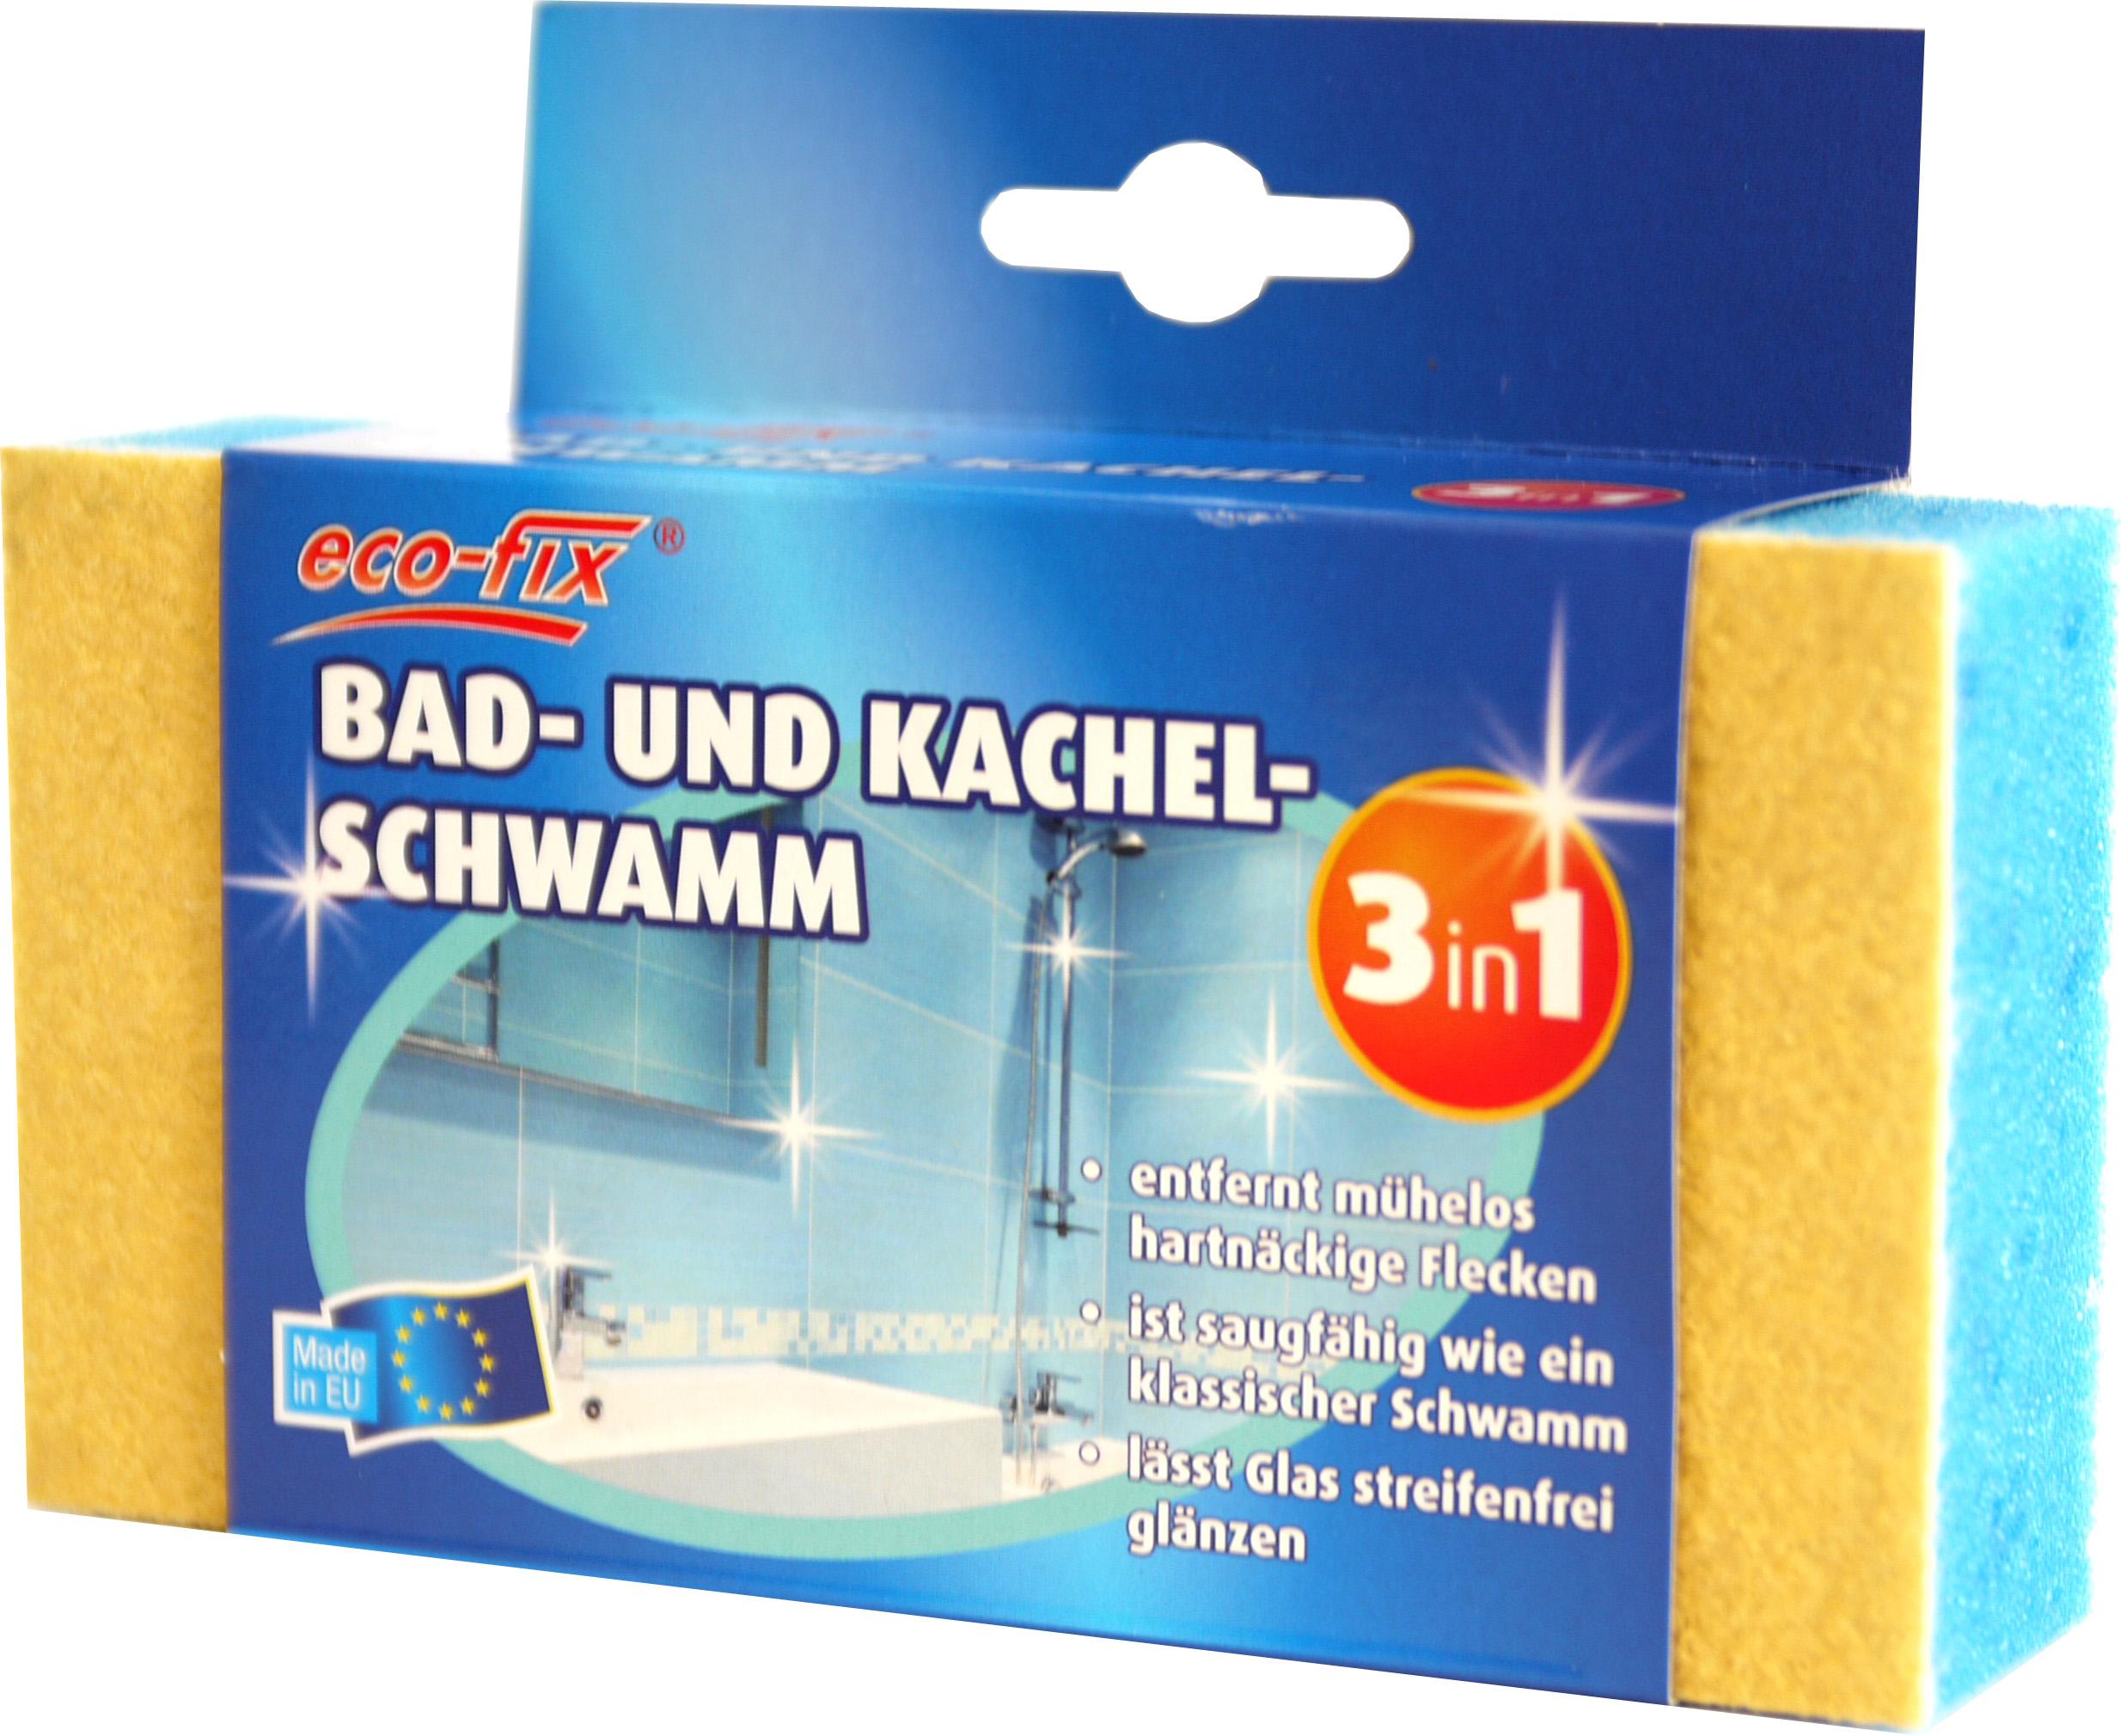 01912 - eco-fix Bad- und Kachelschwamm